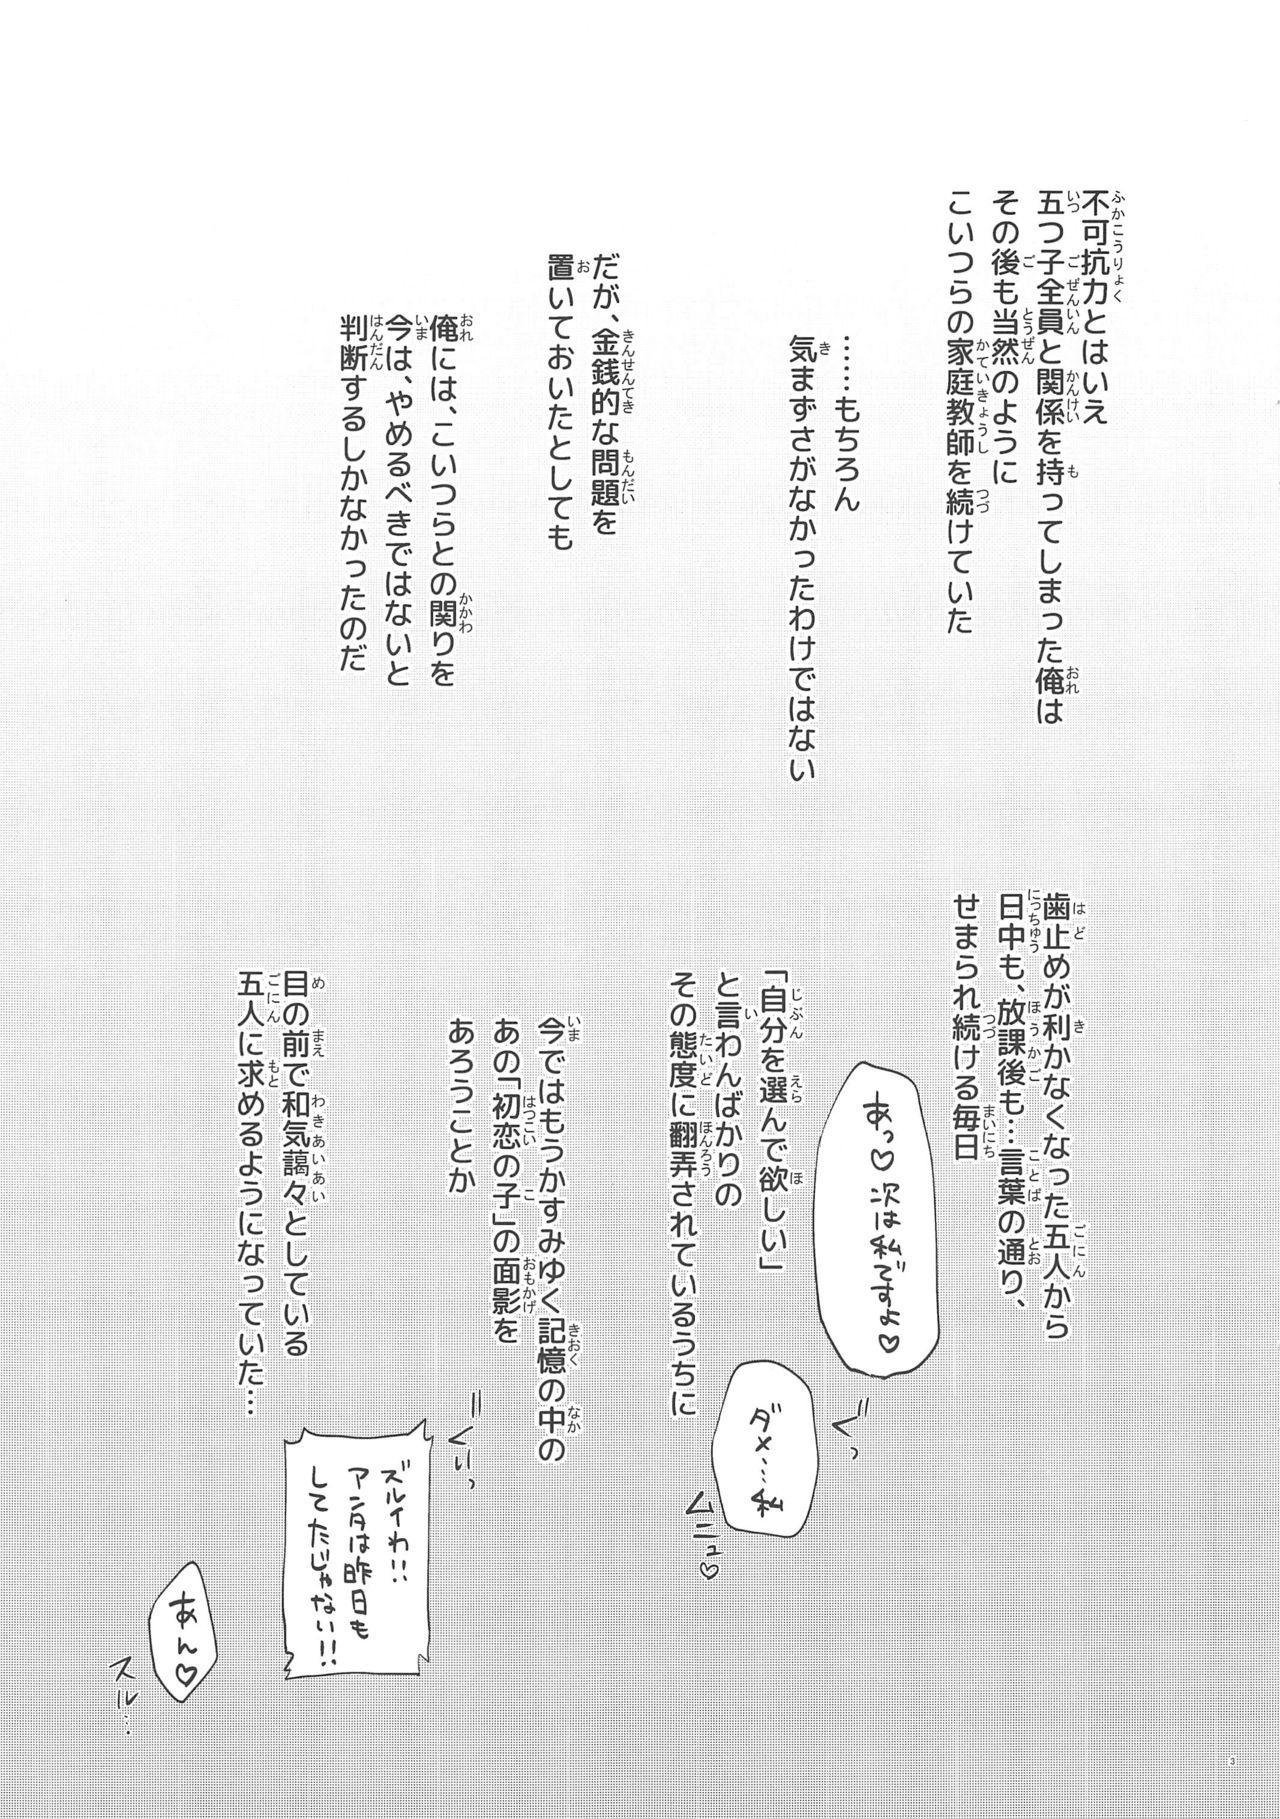 (C97) [Samurai Ninja GREENTEA] Gobun no Go -After- -Nakano-ke Itsutsugo Harem END- (Gotoubun no Hanayome) 1